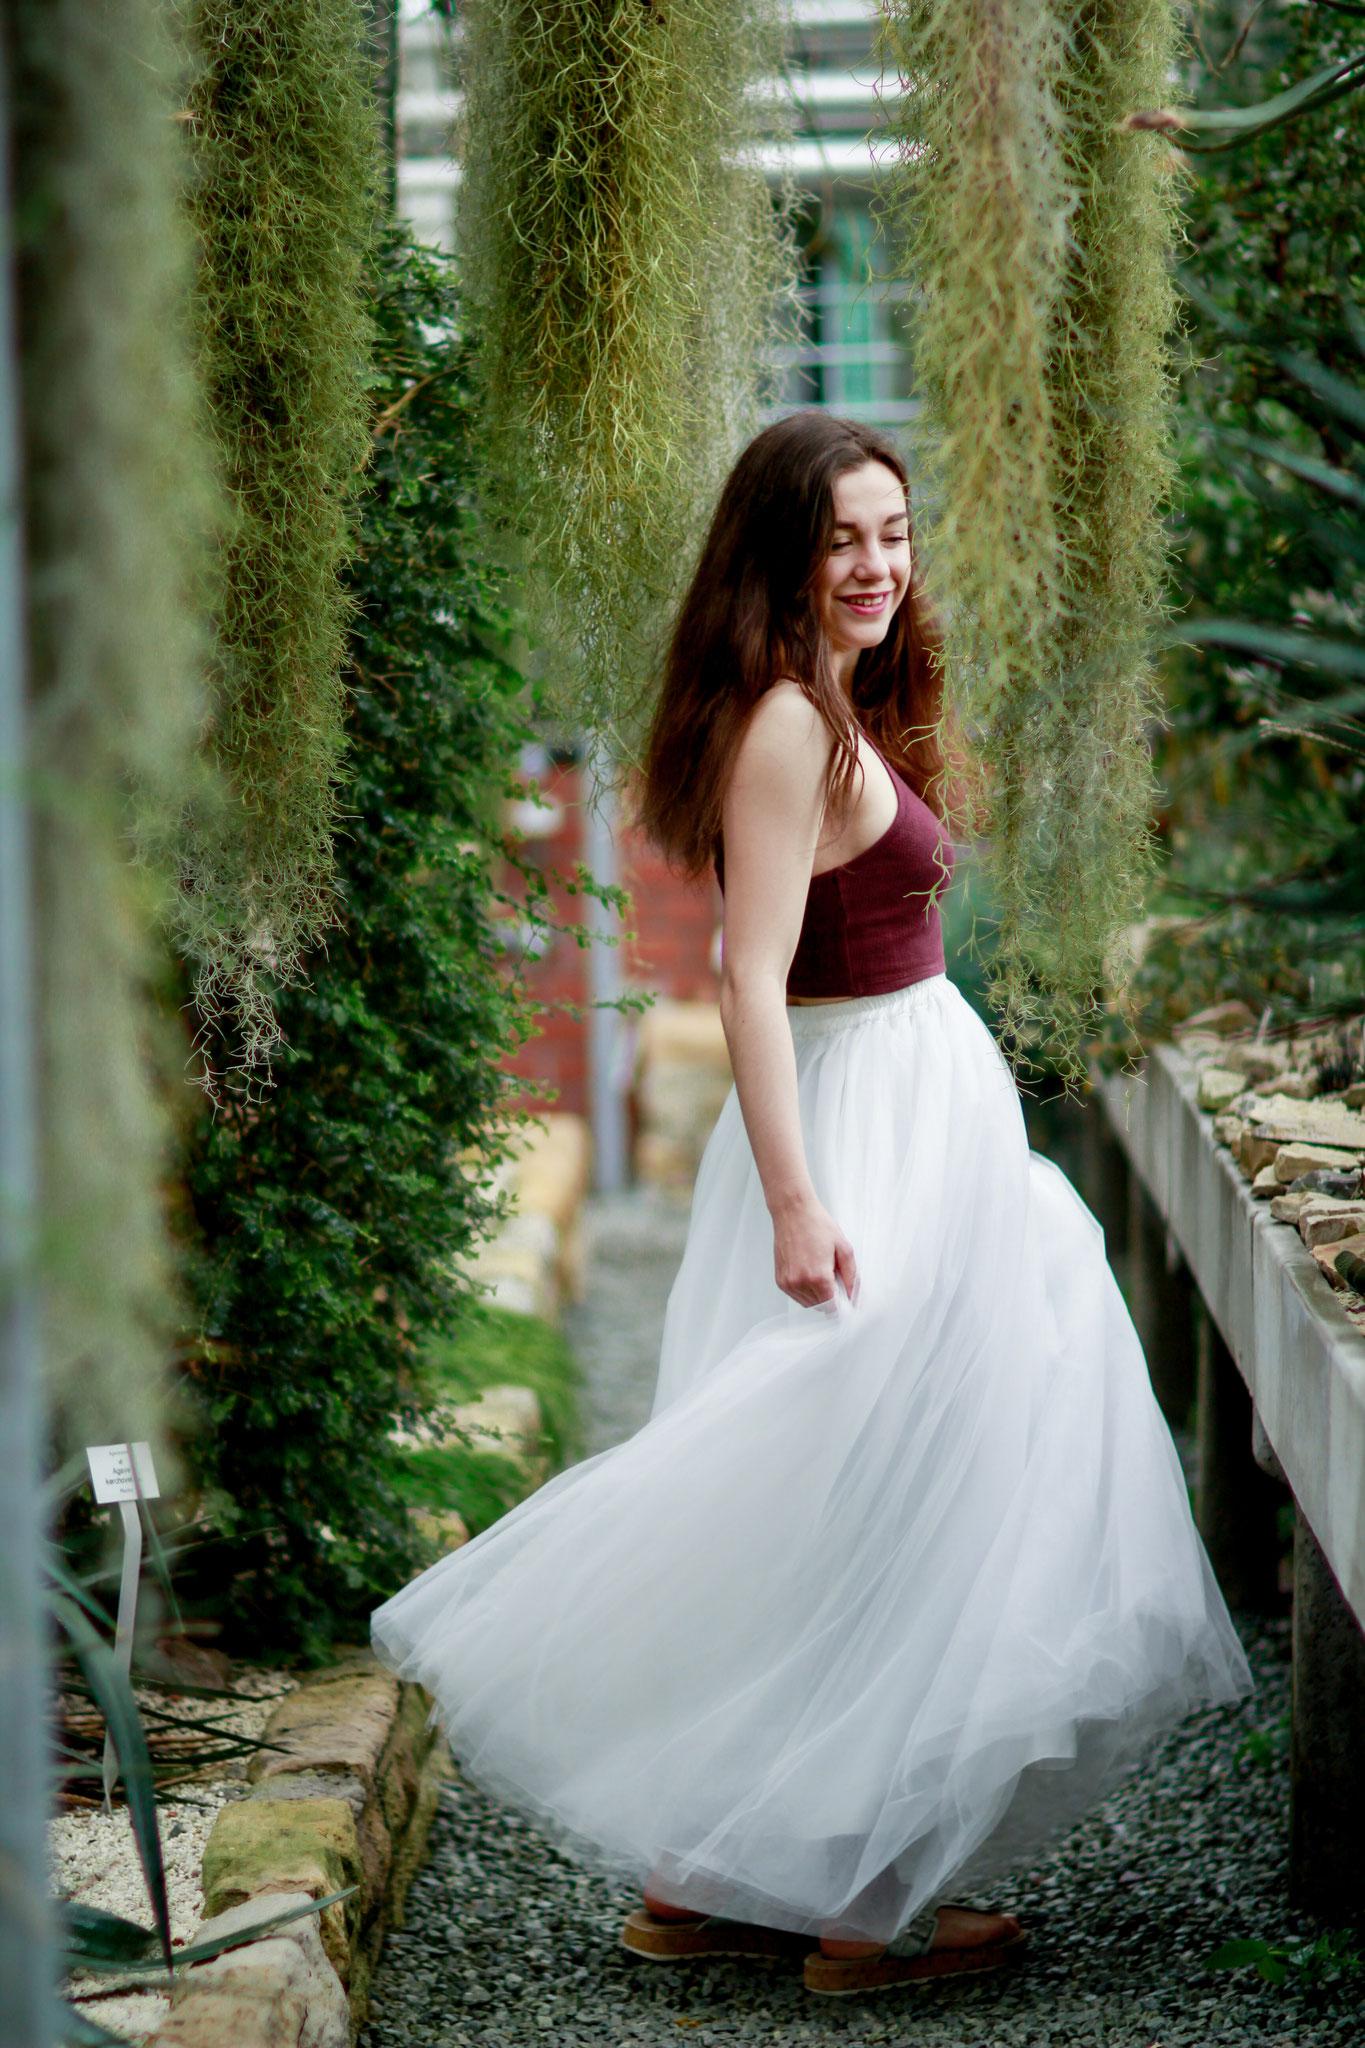 Portraitshooting mit Thea| Tüllrock, botanischer Garten, lächelnde Frau, glücklich